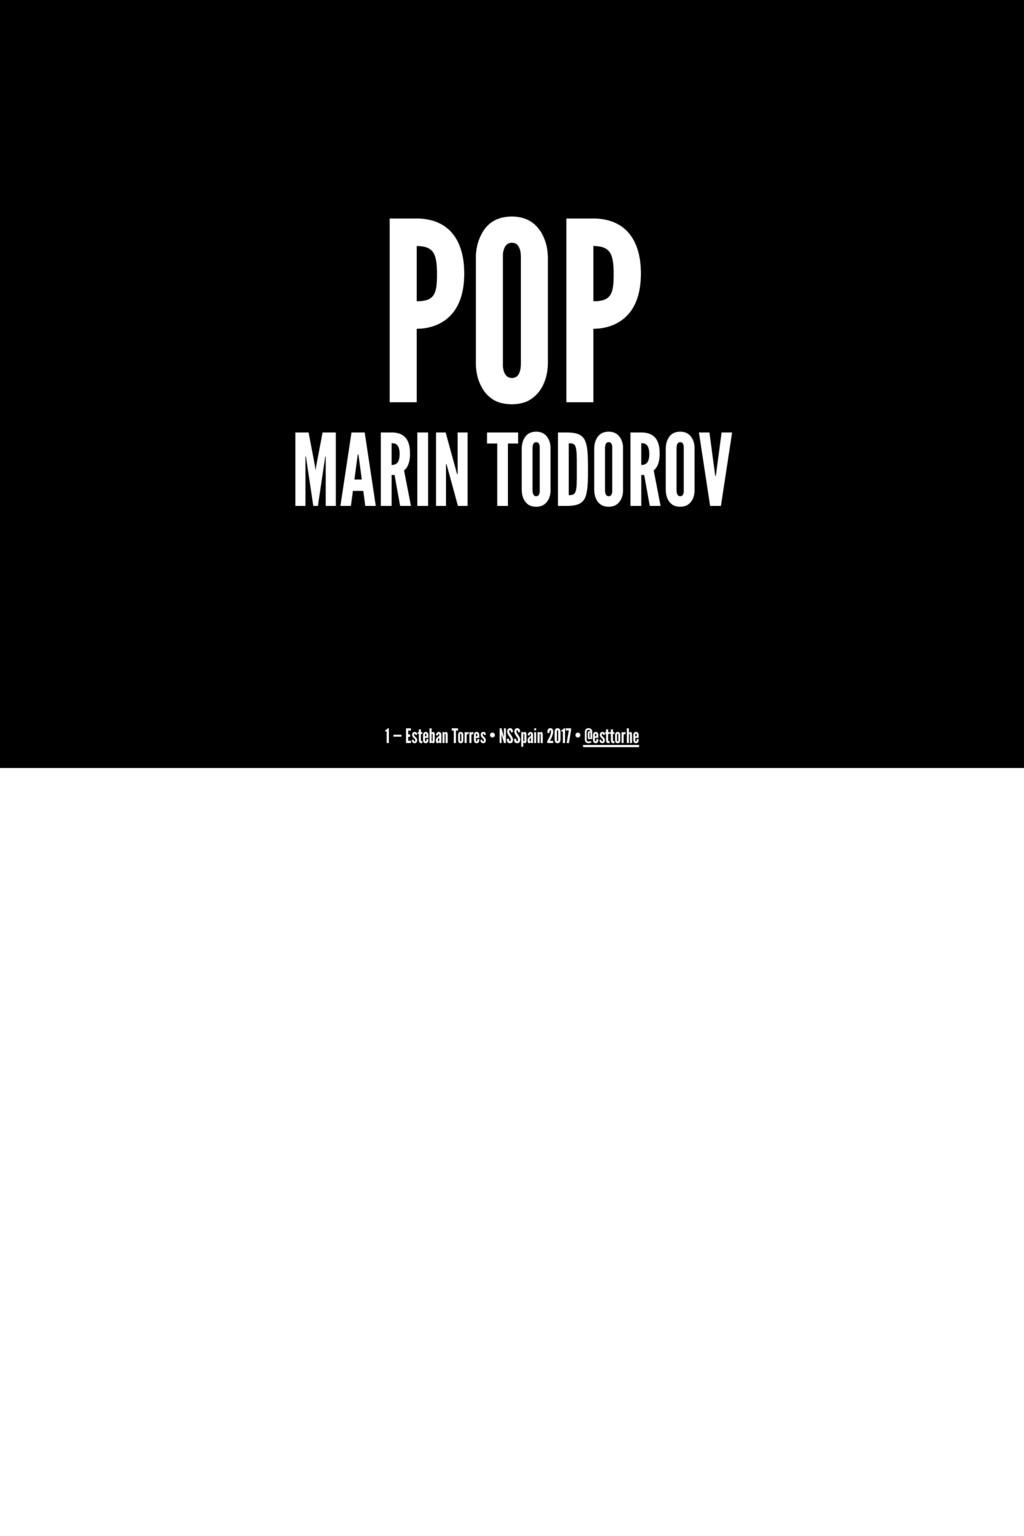 POP MARIN TODOROV 1 — Esteban Torres • NSSpain ...